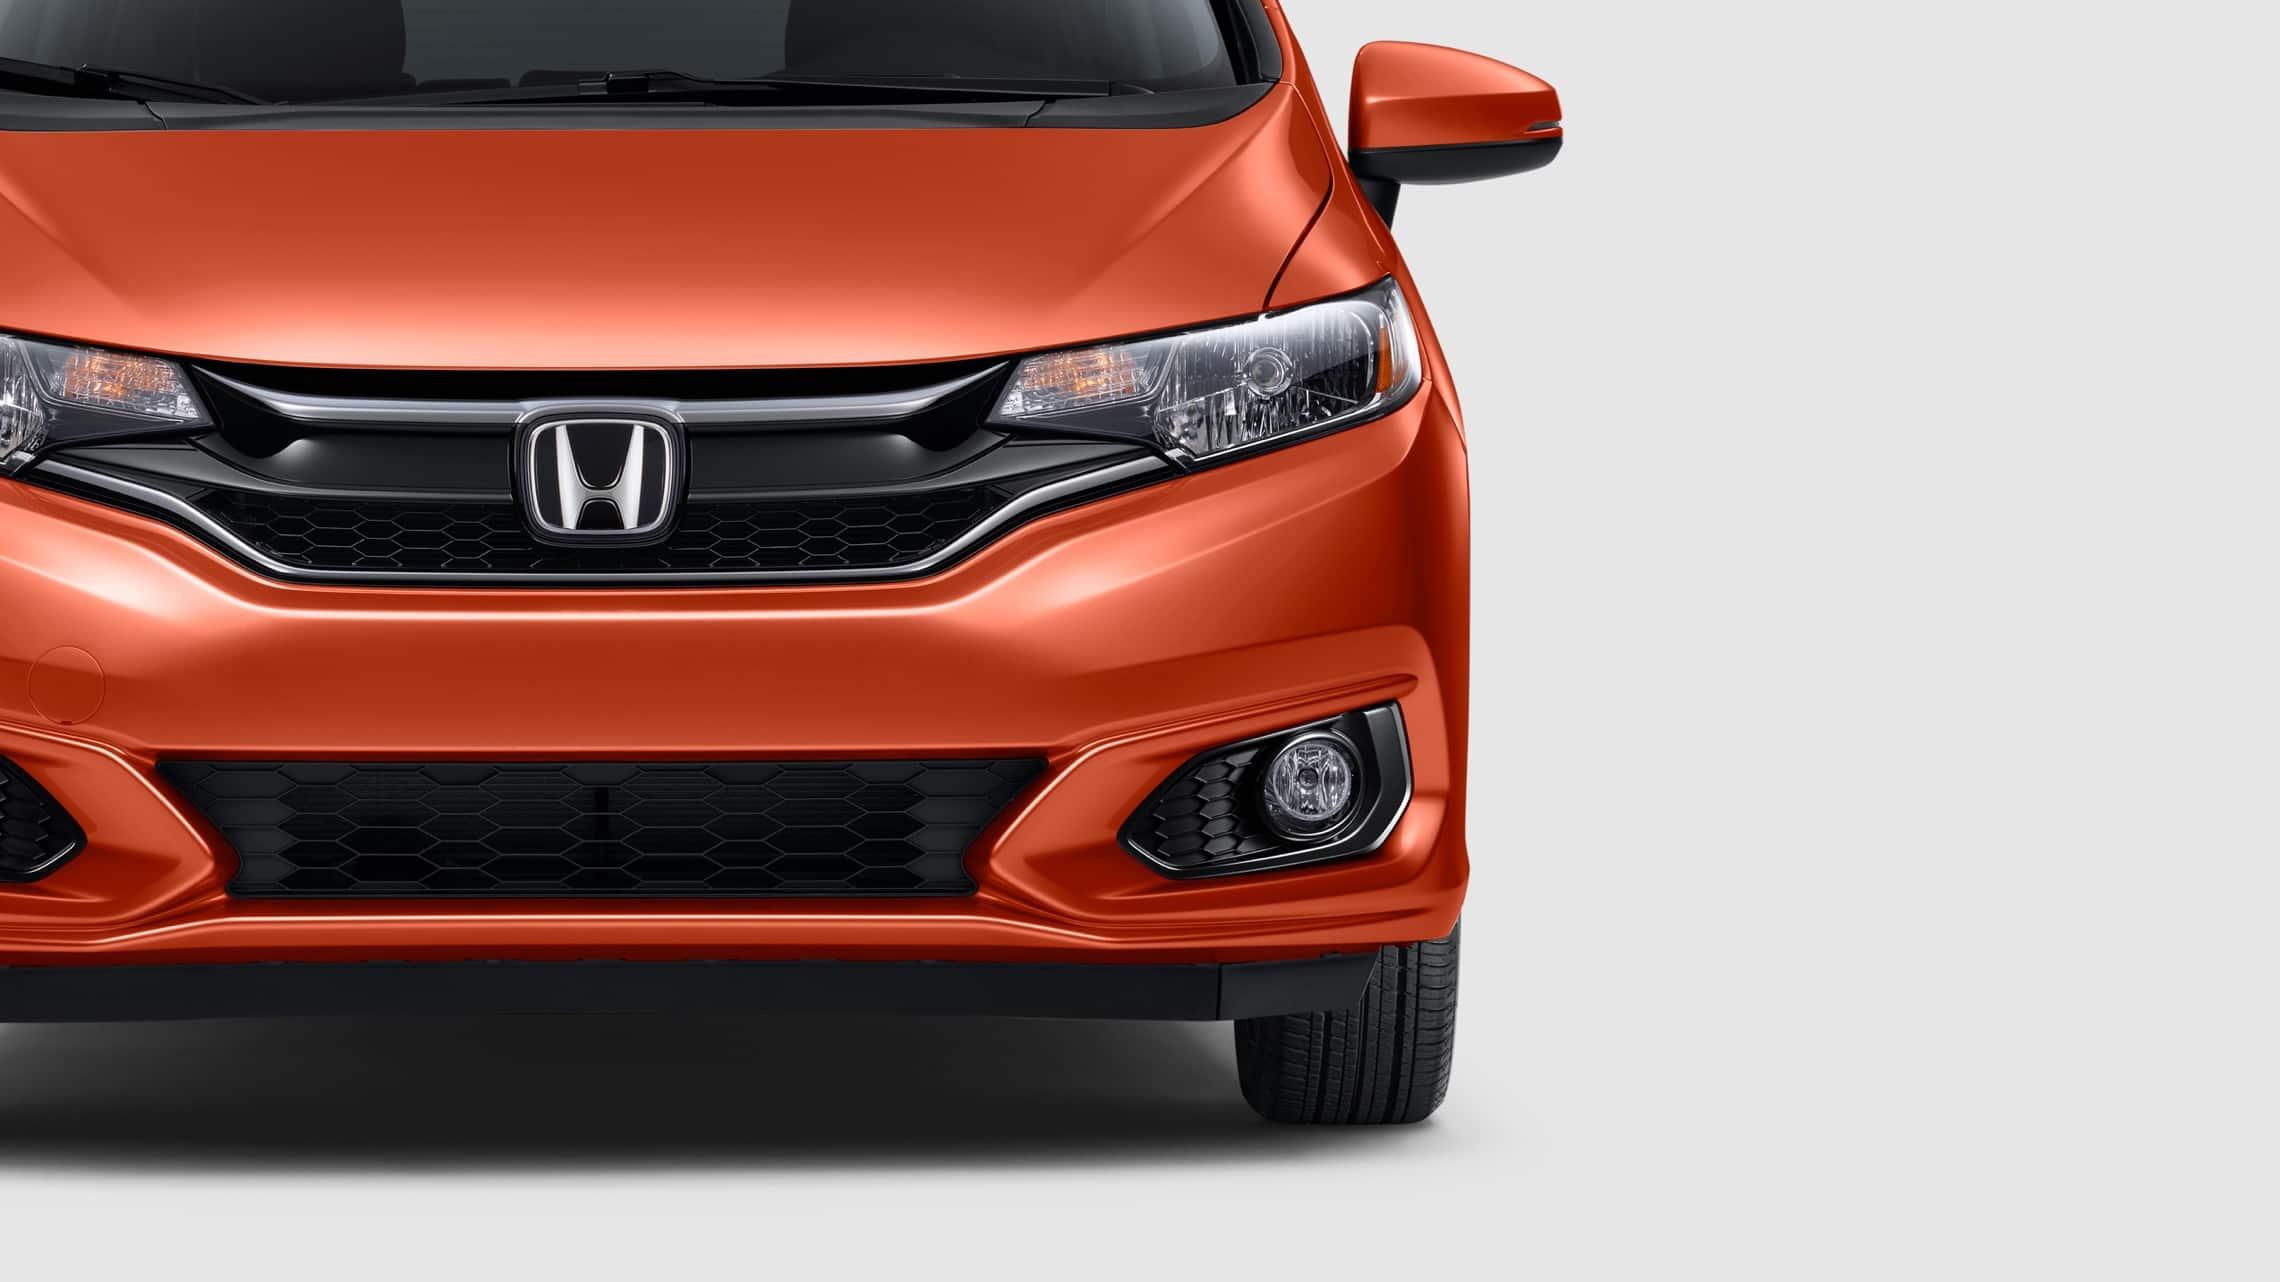 Vista exterior frontal del Honda Fit EX-L2020 en Orange Fury.